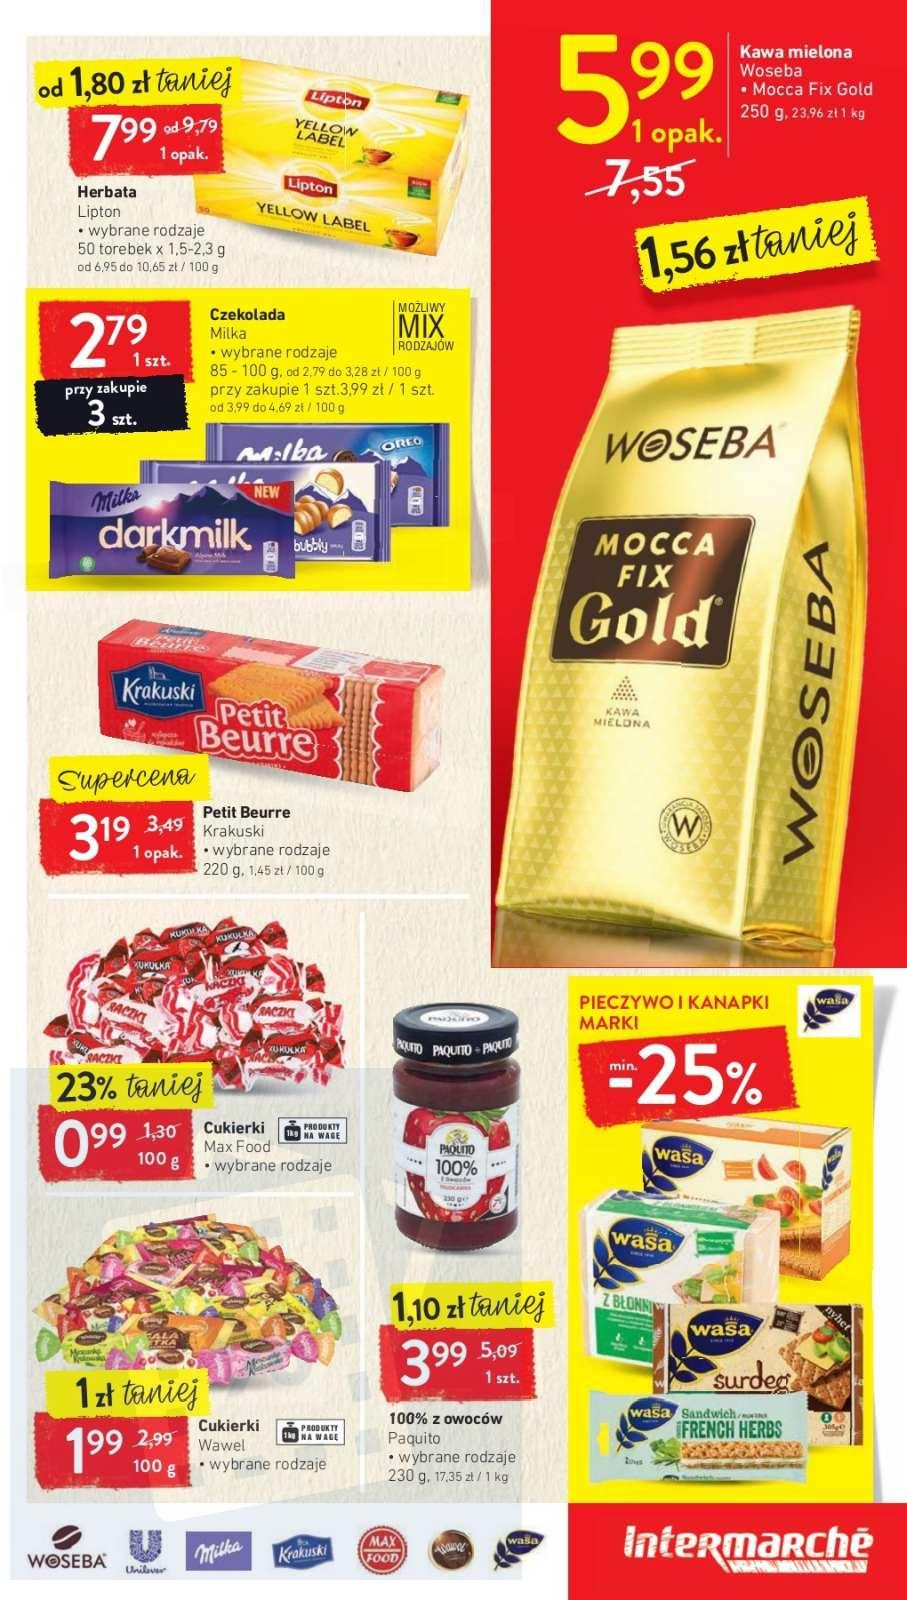 Gazetka promocyjna Intermarche do 19/08/2019 str.12